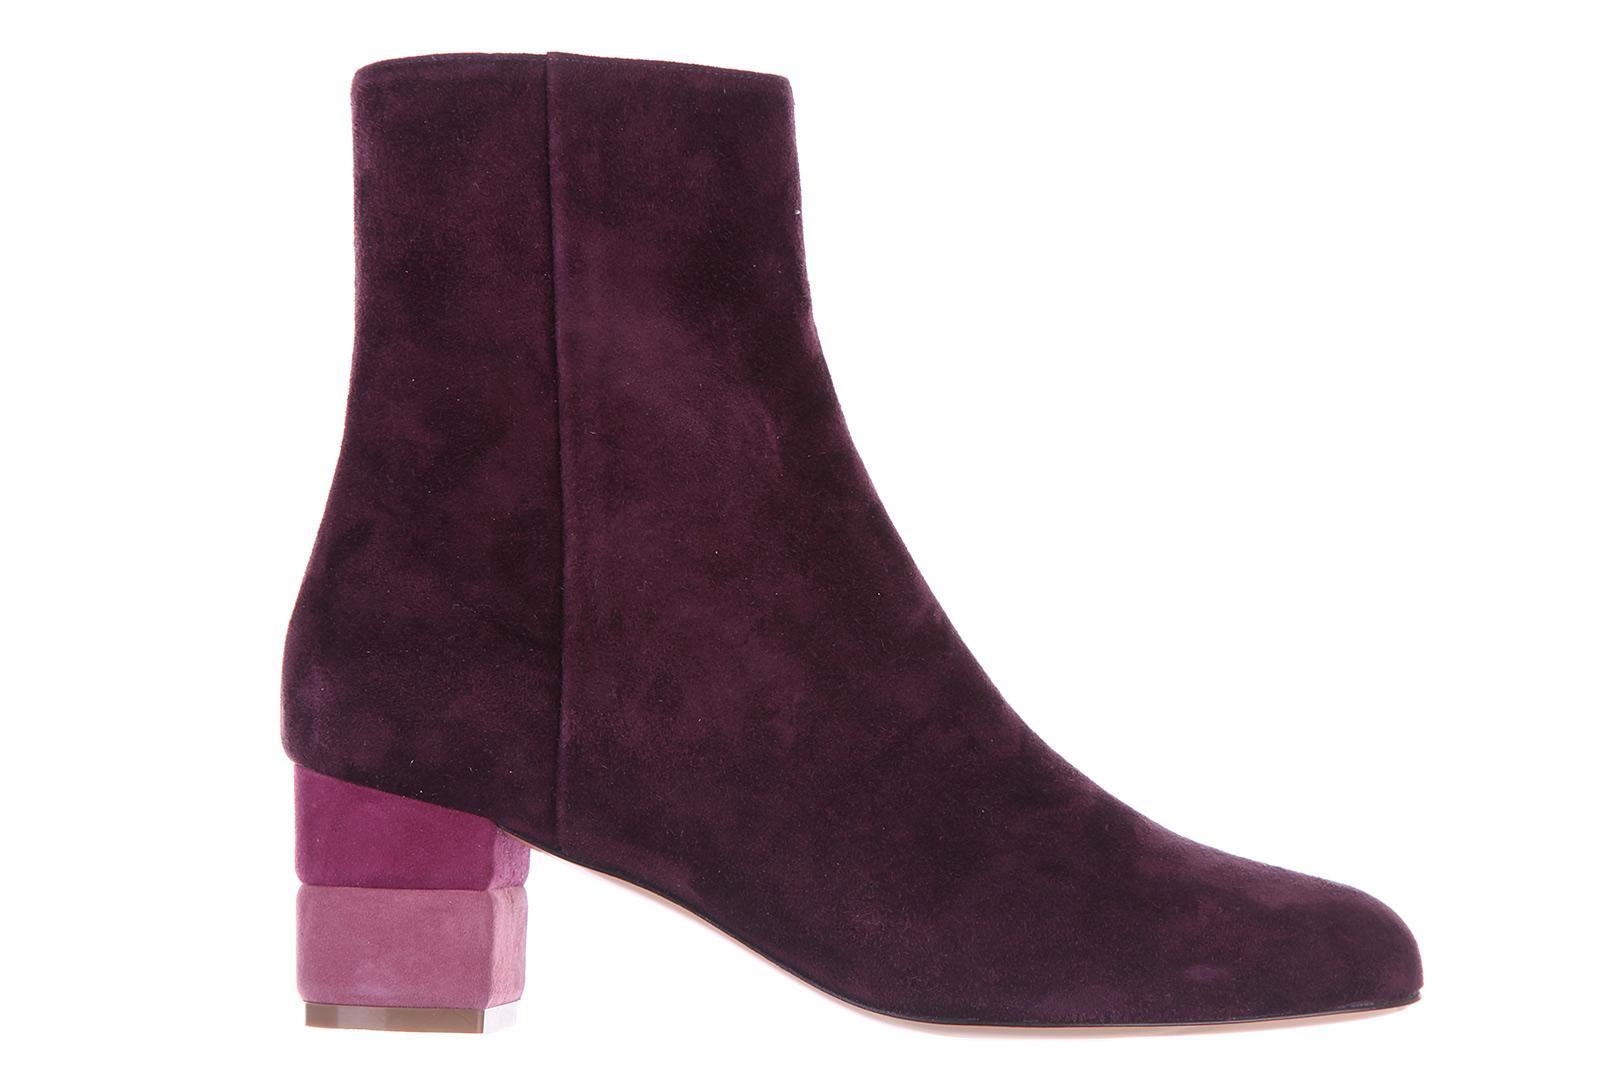 Salvatore Ferragamo Women's Suede Ankle Boots Booties Loris 55 Calf In Purple